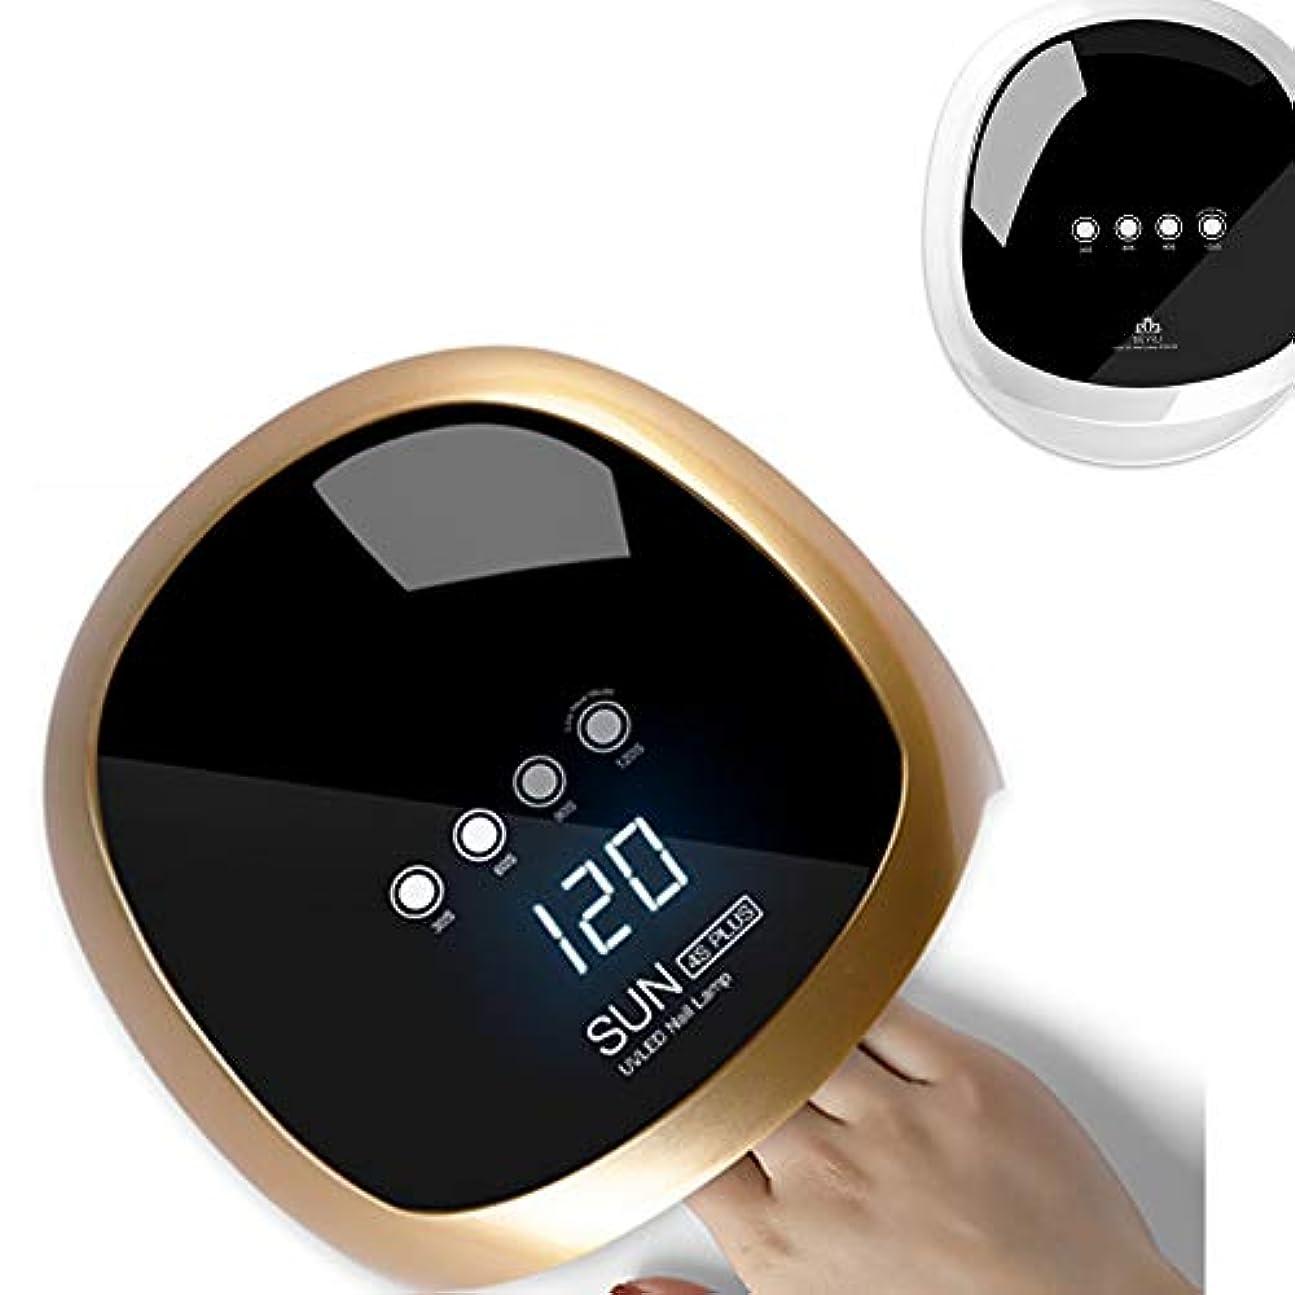 フィドル畝間コンパニオンジェルネイル UV LED ライト ネイル ネイルドライヤー 赤外線検知 4段階タイマー設定可能 手足兼用 (Gold)